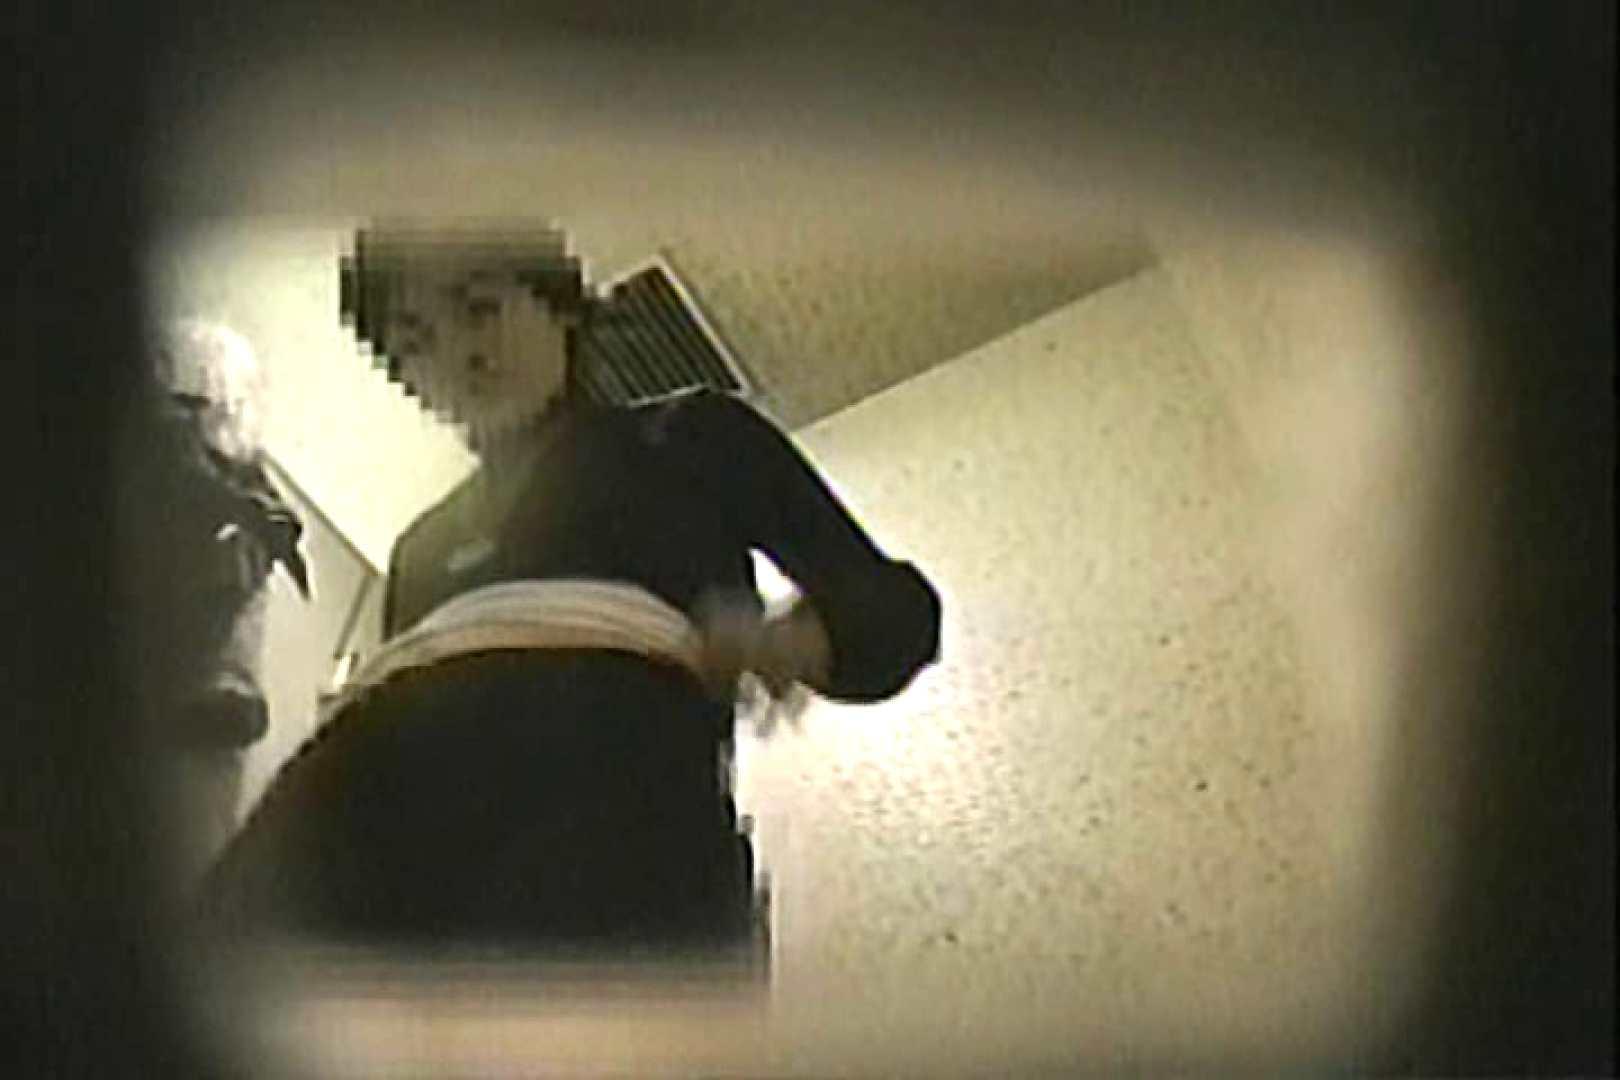 女子洗面所盗撮 今度の2カメは若い子だらけ  TK-127 盗撮 おまんこ動画流出 62pic 2